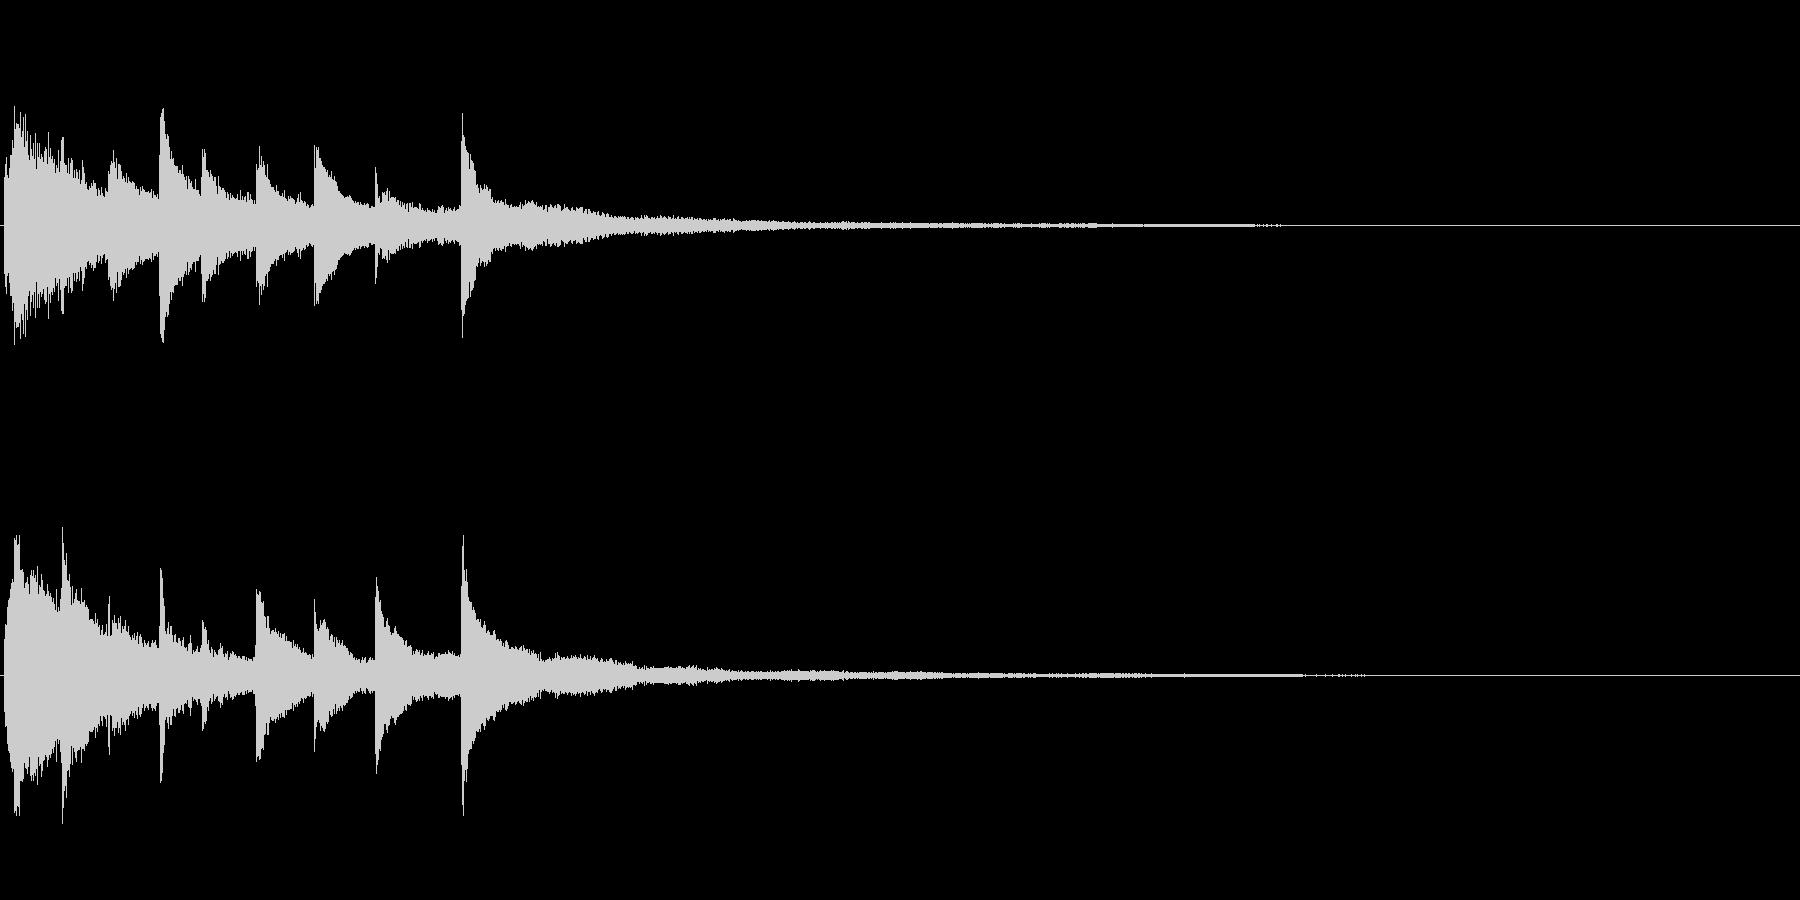 ピアノソロサウンドロゴ 優雅 大人 13の未再生の波形